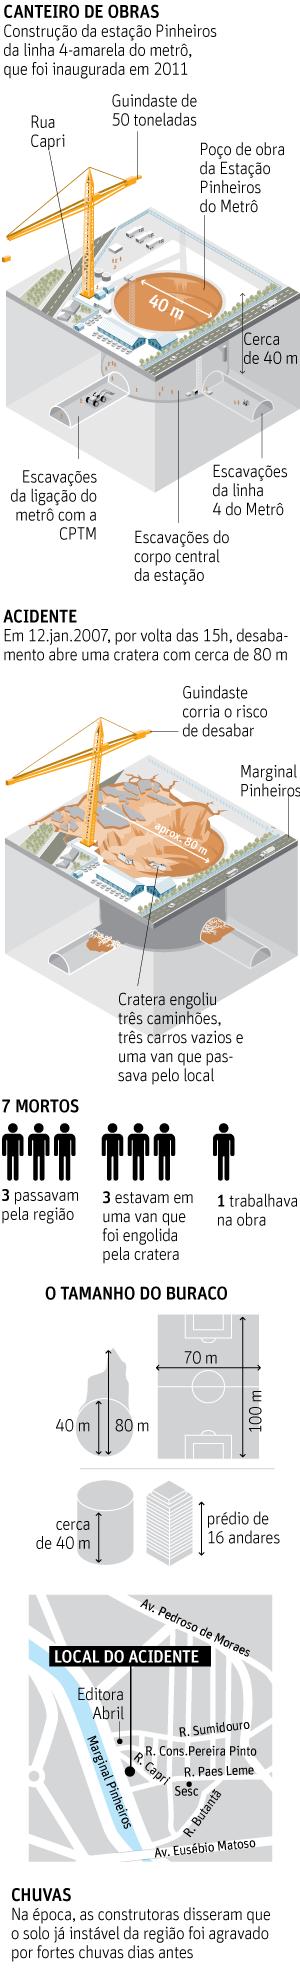 PF indica suspeita de propina em apuração de cratera do metrô de SP - 19/10/2016 - Cotidiano - Folha de S.Paulo